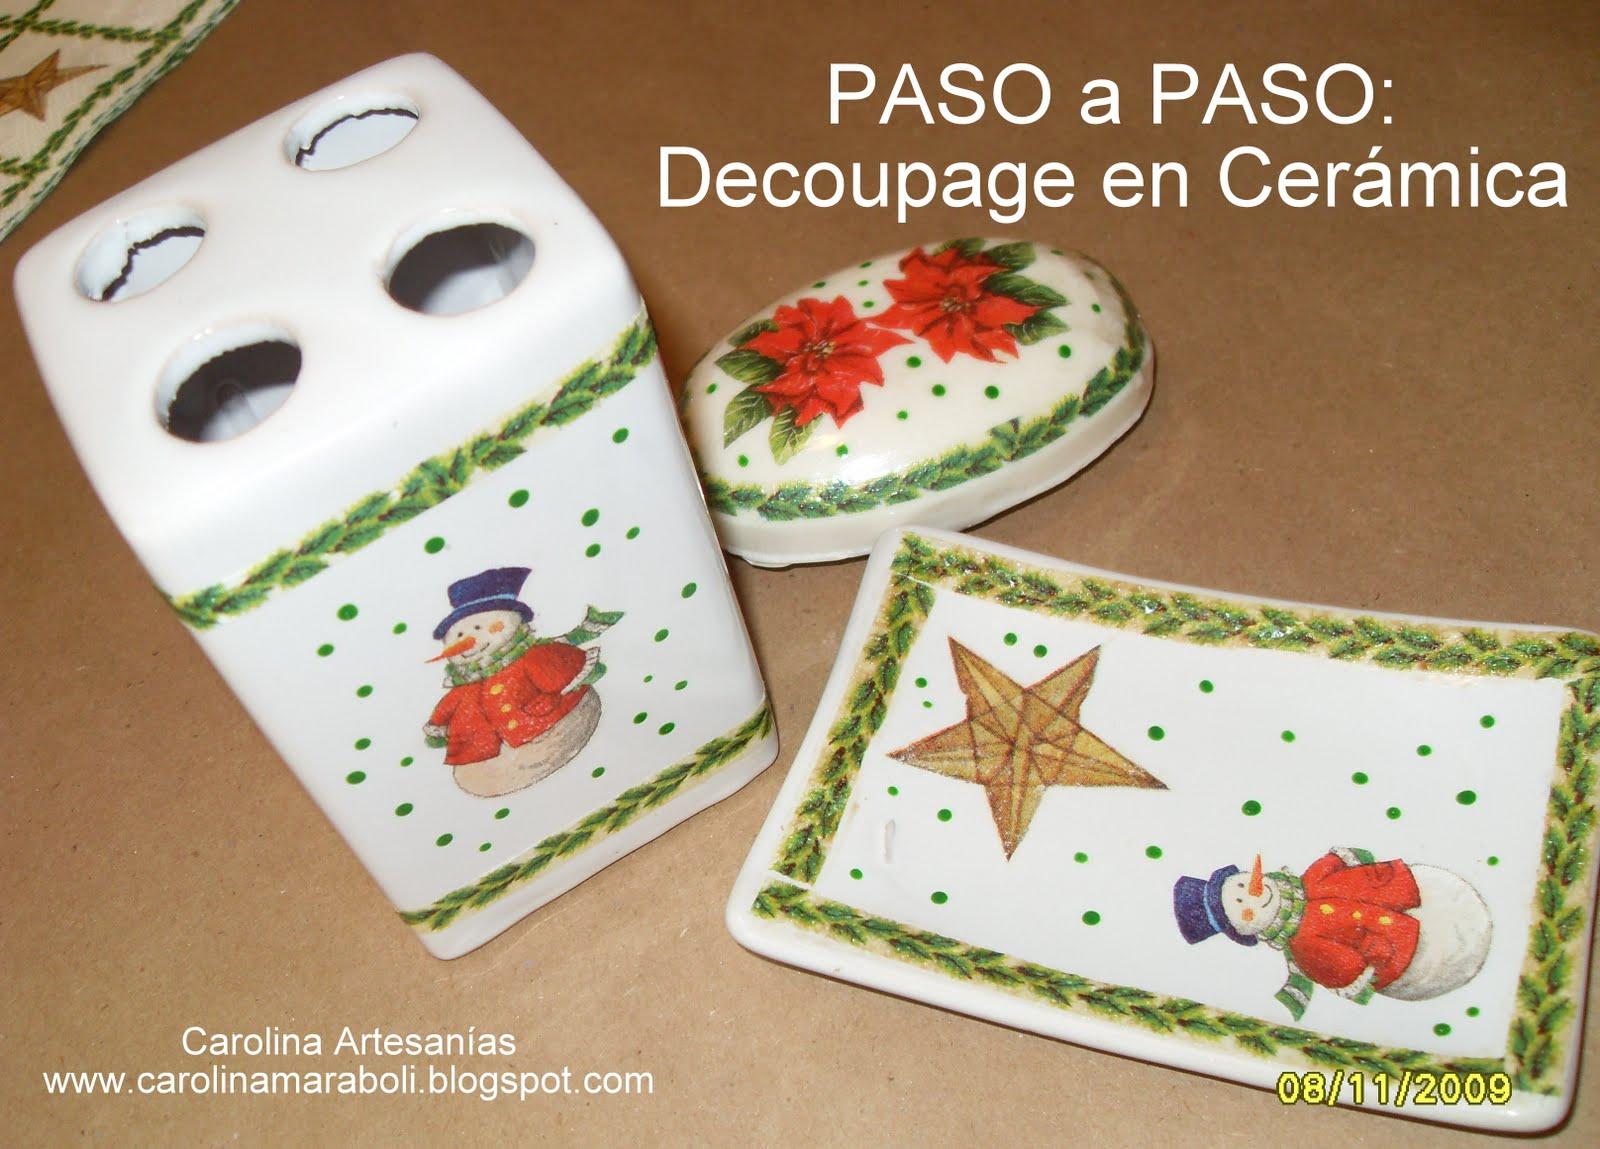 Set De Baño De Navidad:Vitrina de Carolina Artesanías (La Tienda): 5- Set de Baño, navidad